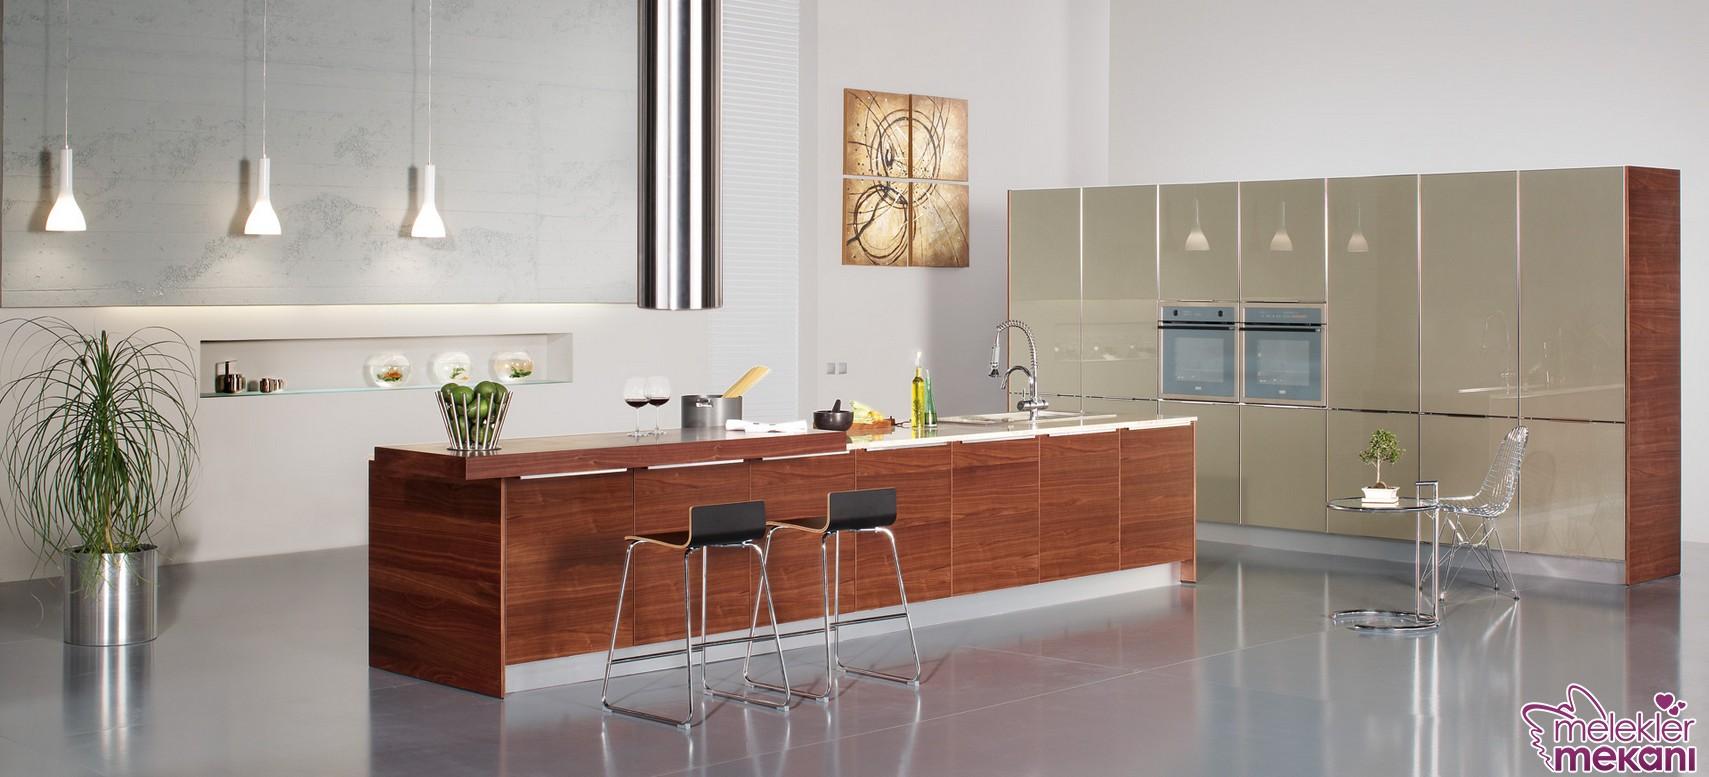 2016 en yeni intema mutfak modeli seçiminiz ile mutfak dekorasyonlarınızı sil baştan yenileme fırsatını değerlendirebilirsiniz.